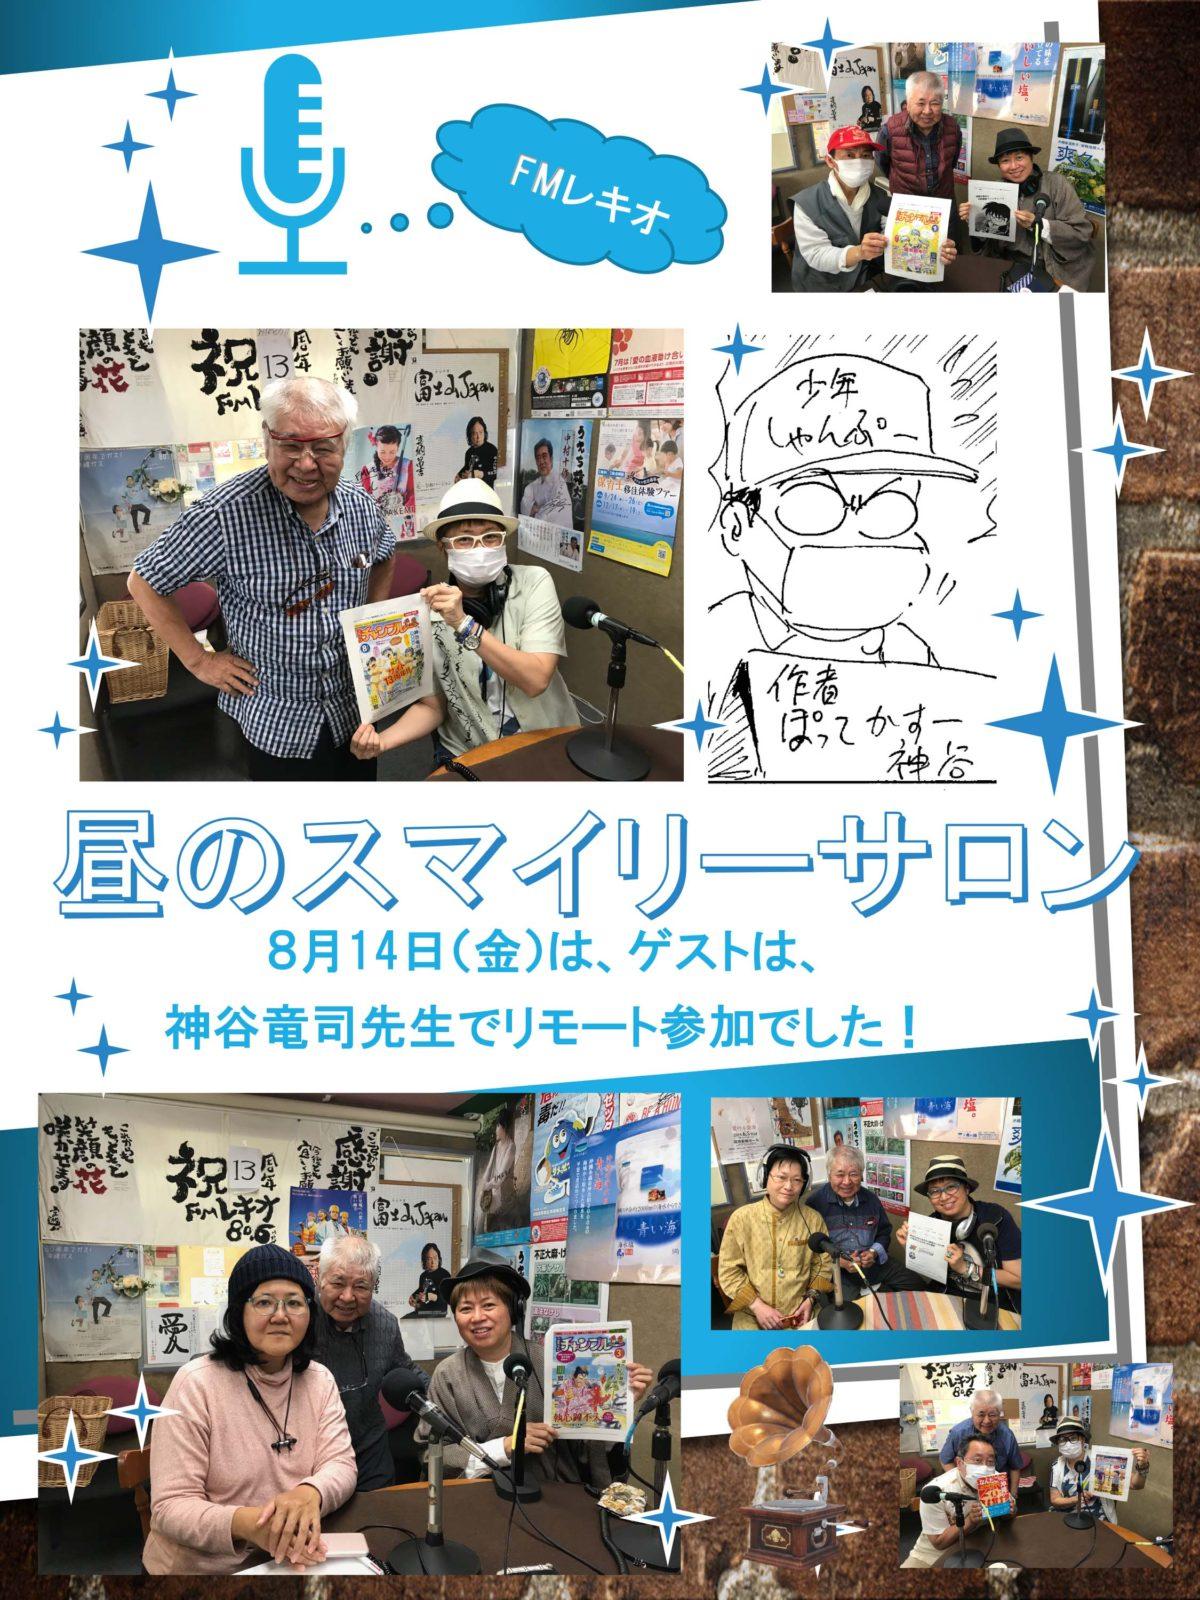 『昼のスマイリーサロン』8月14日(金)放送のゲスト神谷竜司先生はリモート参加でした!